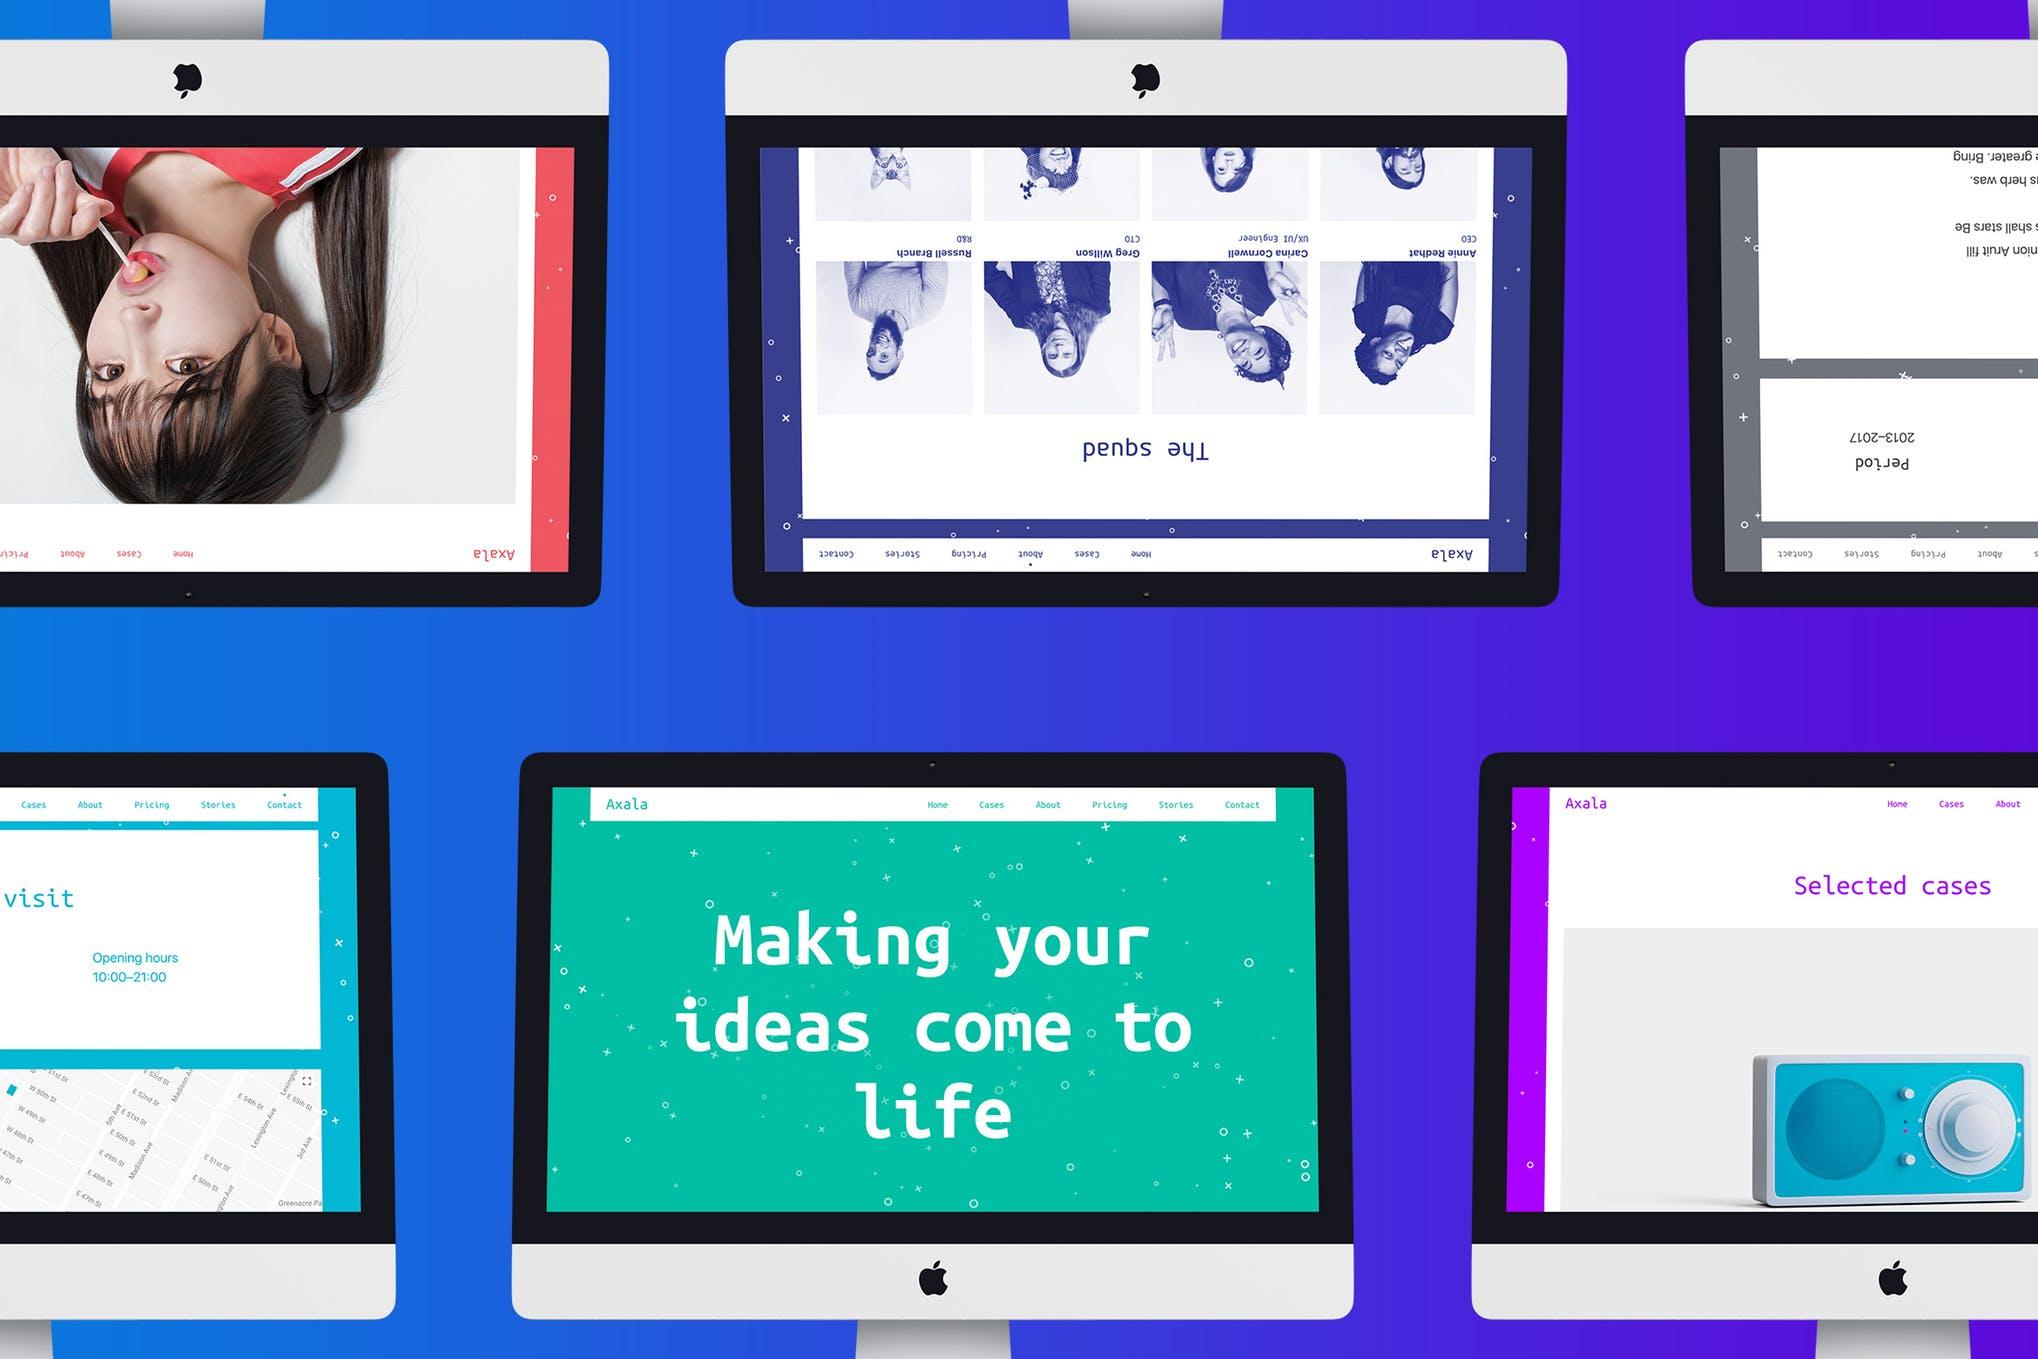 Xây dựng nội dung hình ảnh trong thiết kế website